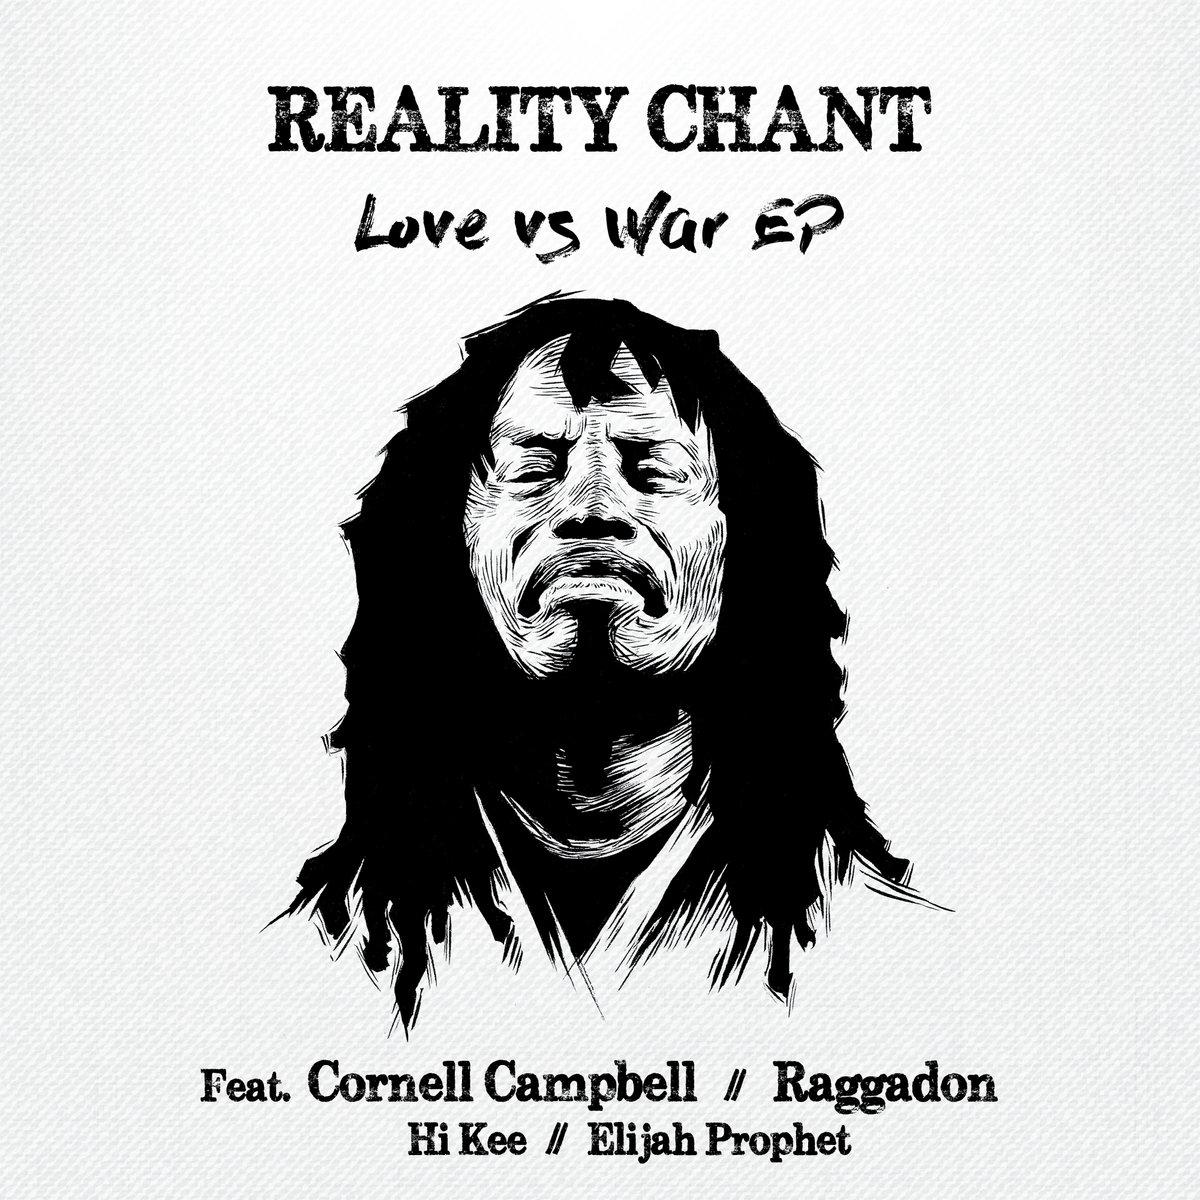 Love vs War EP